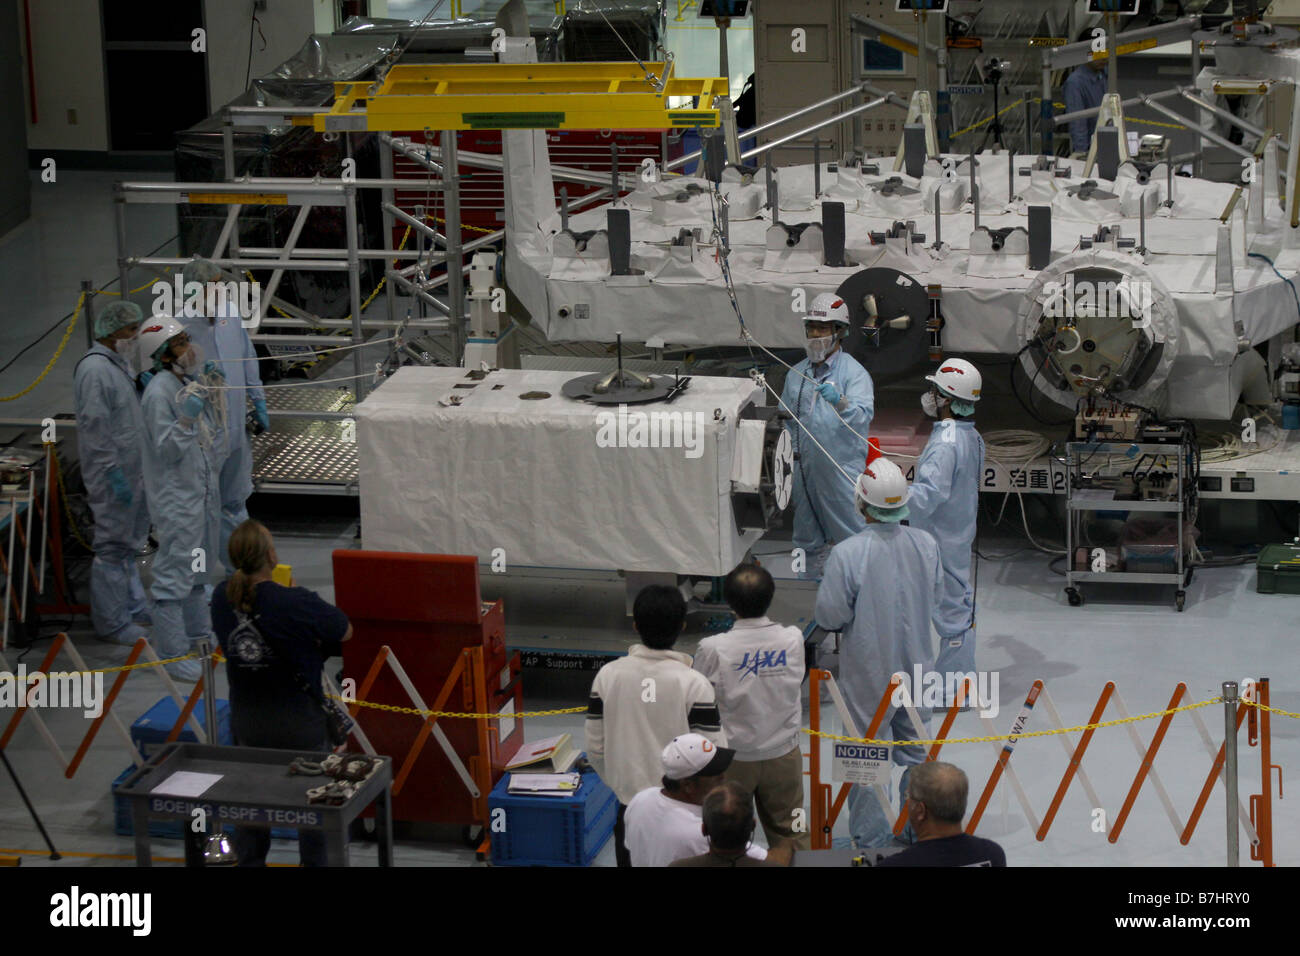 La station spatiale internationale ISS JAXA Assemblée JEM module expérimental japonais Kibo Photo Stock